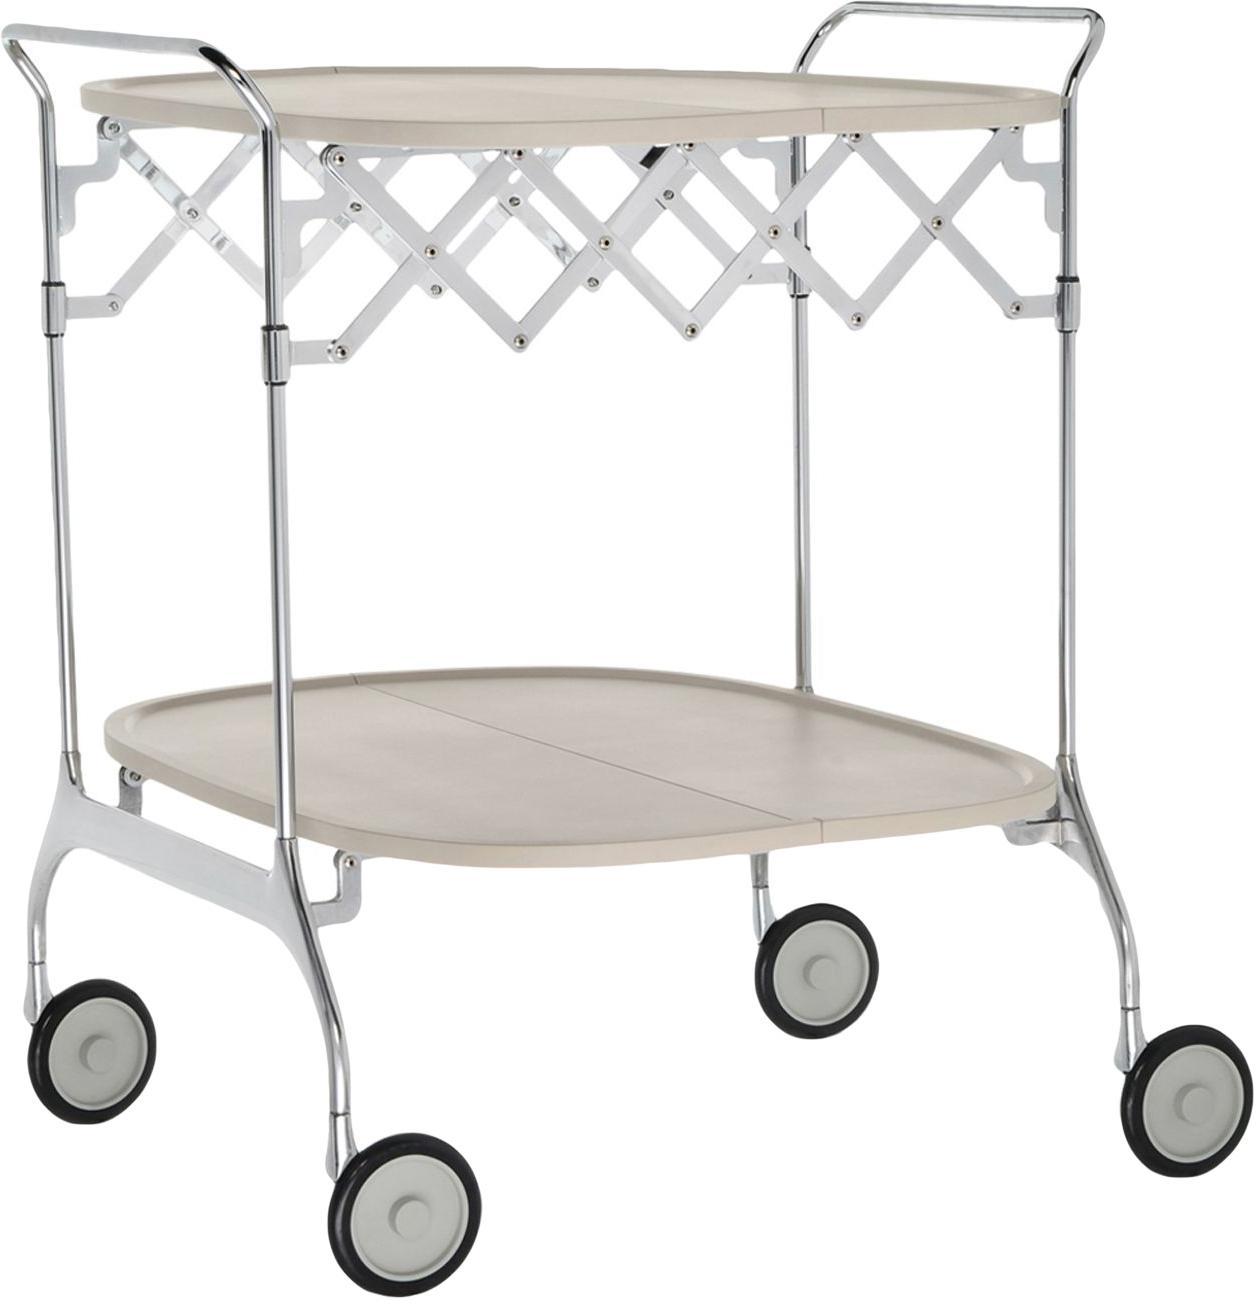 Bar cart Gastone, Frame: gelakt staal, Plank: nylon, glasvezelversterkt, Crèmekleurig, staal, 68 x 70 cm